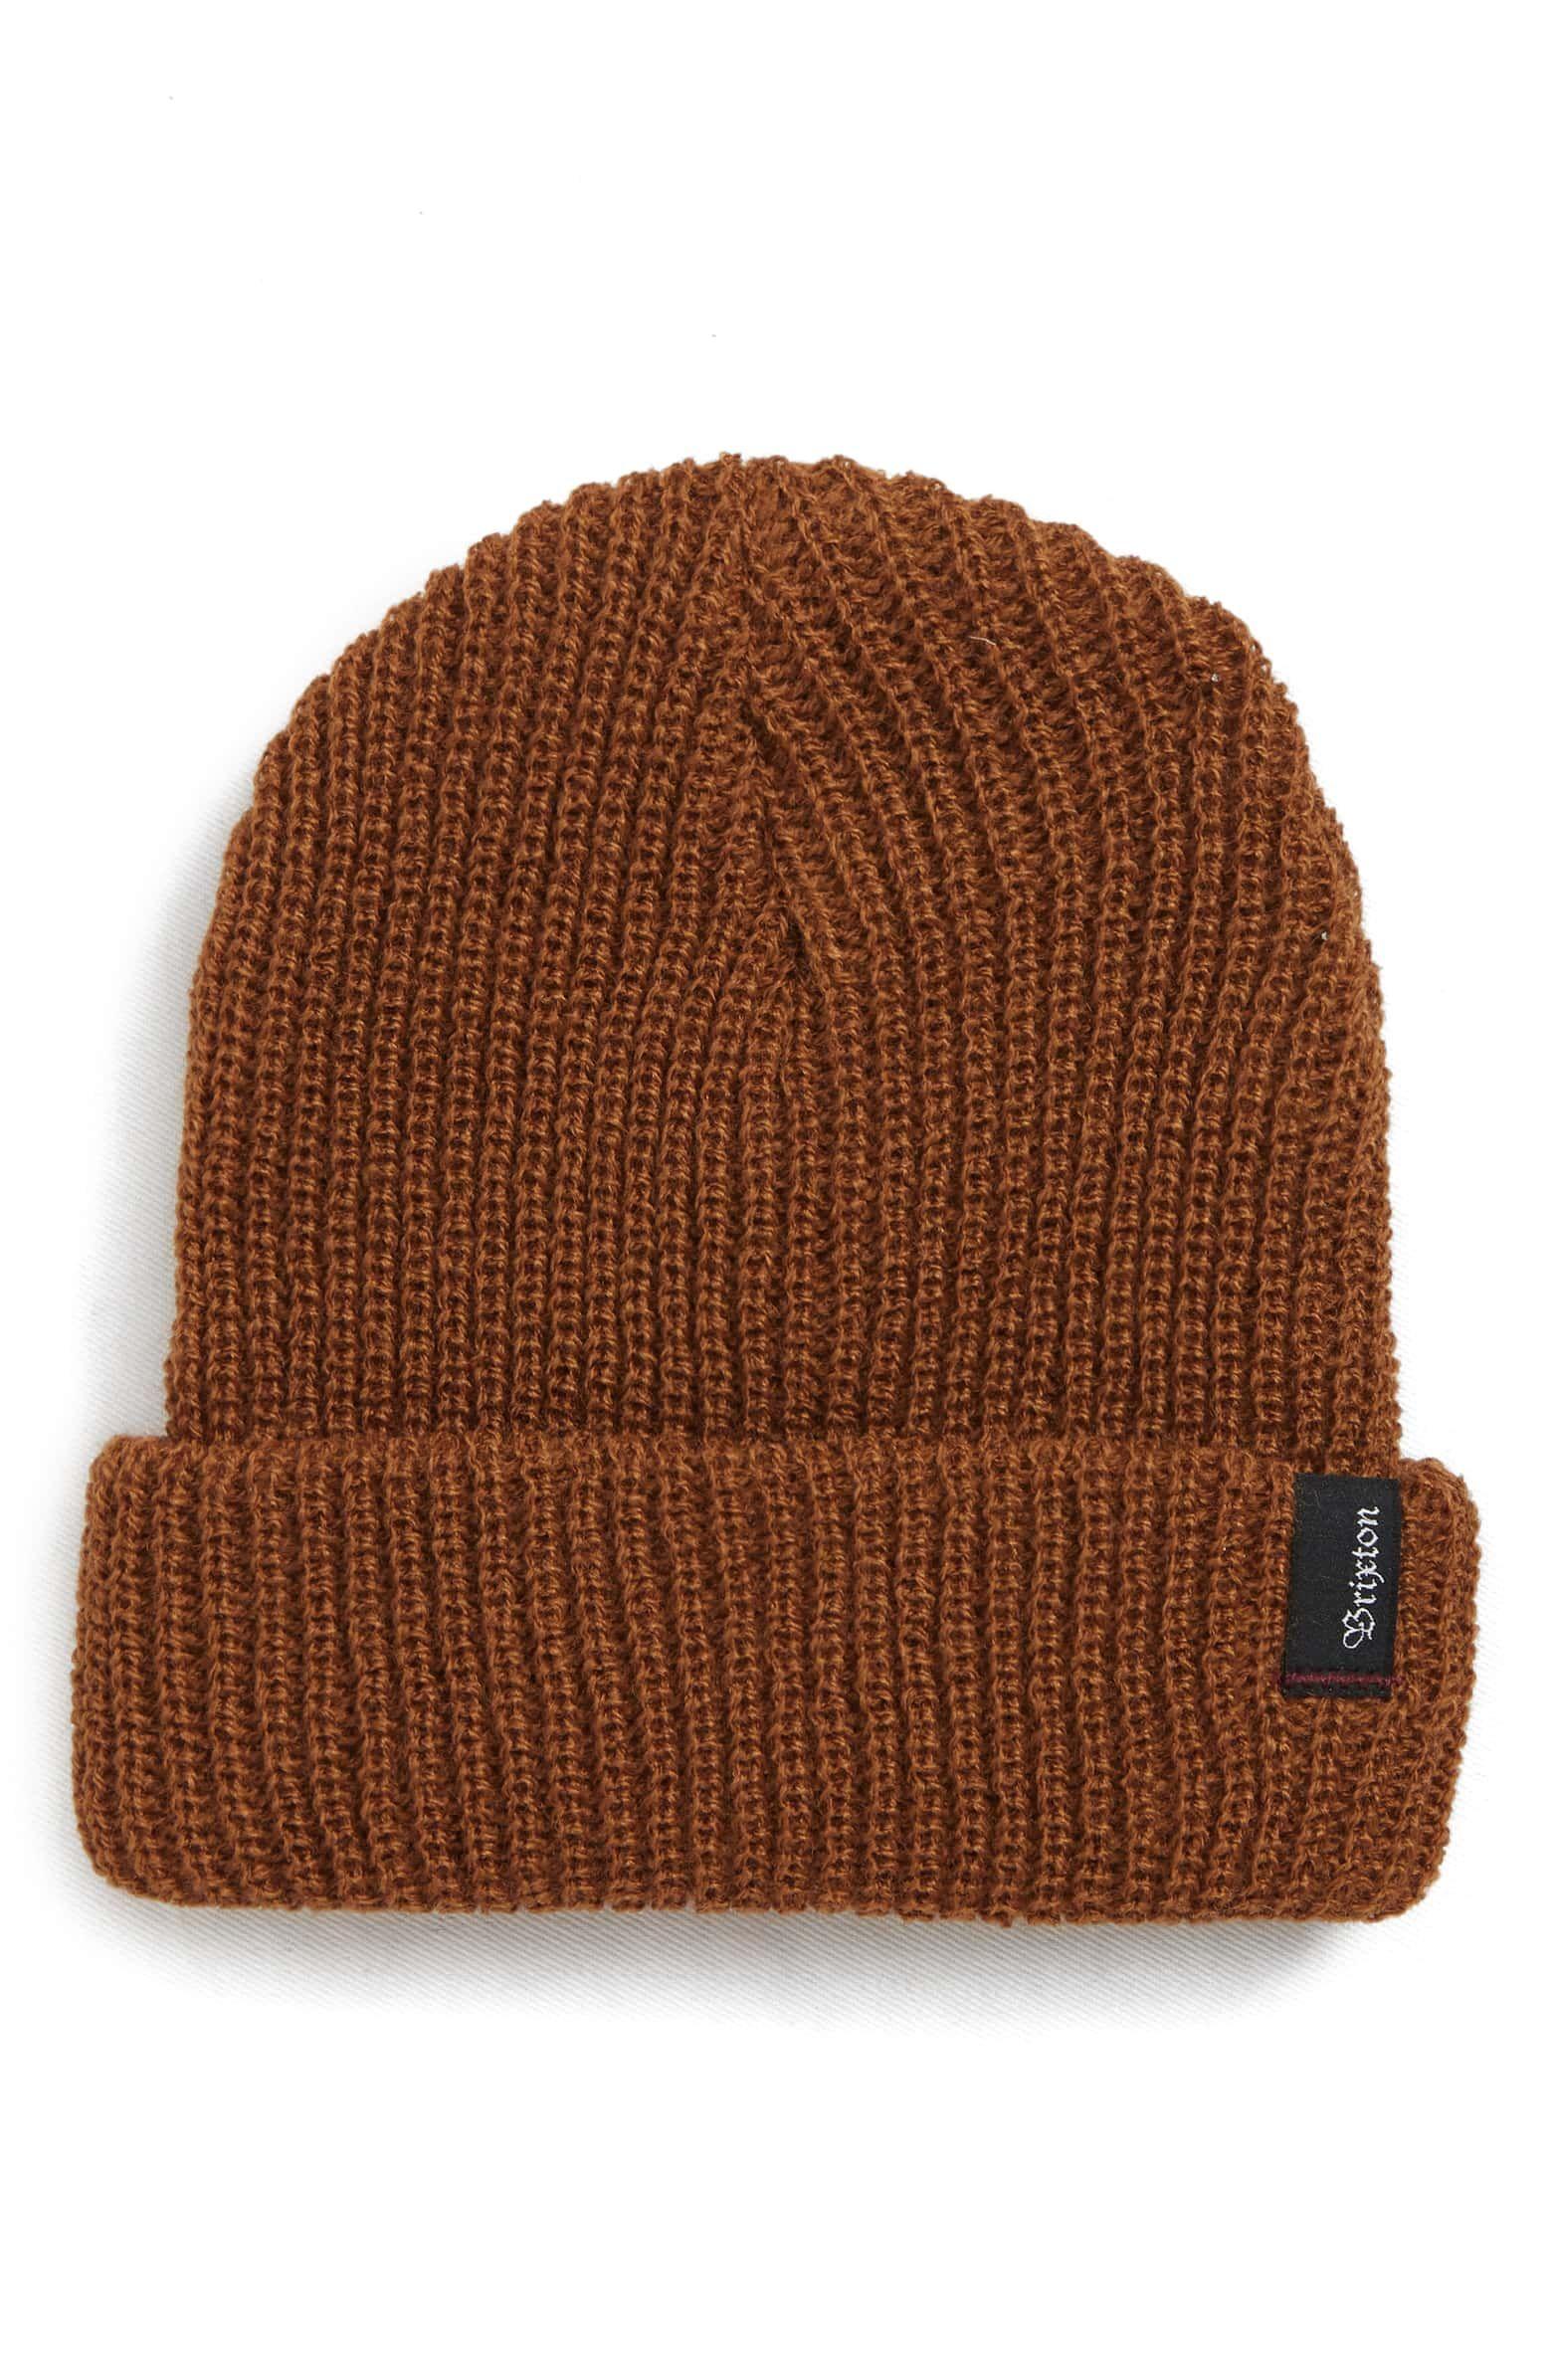 978618f868a Lil Heist Beanie Hat